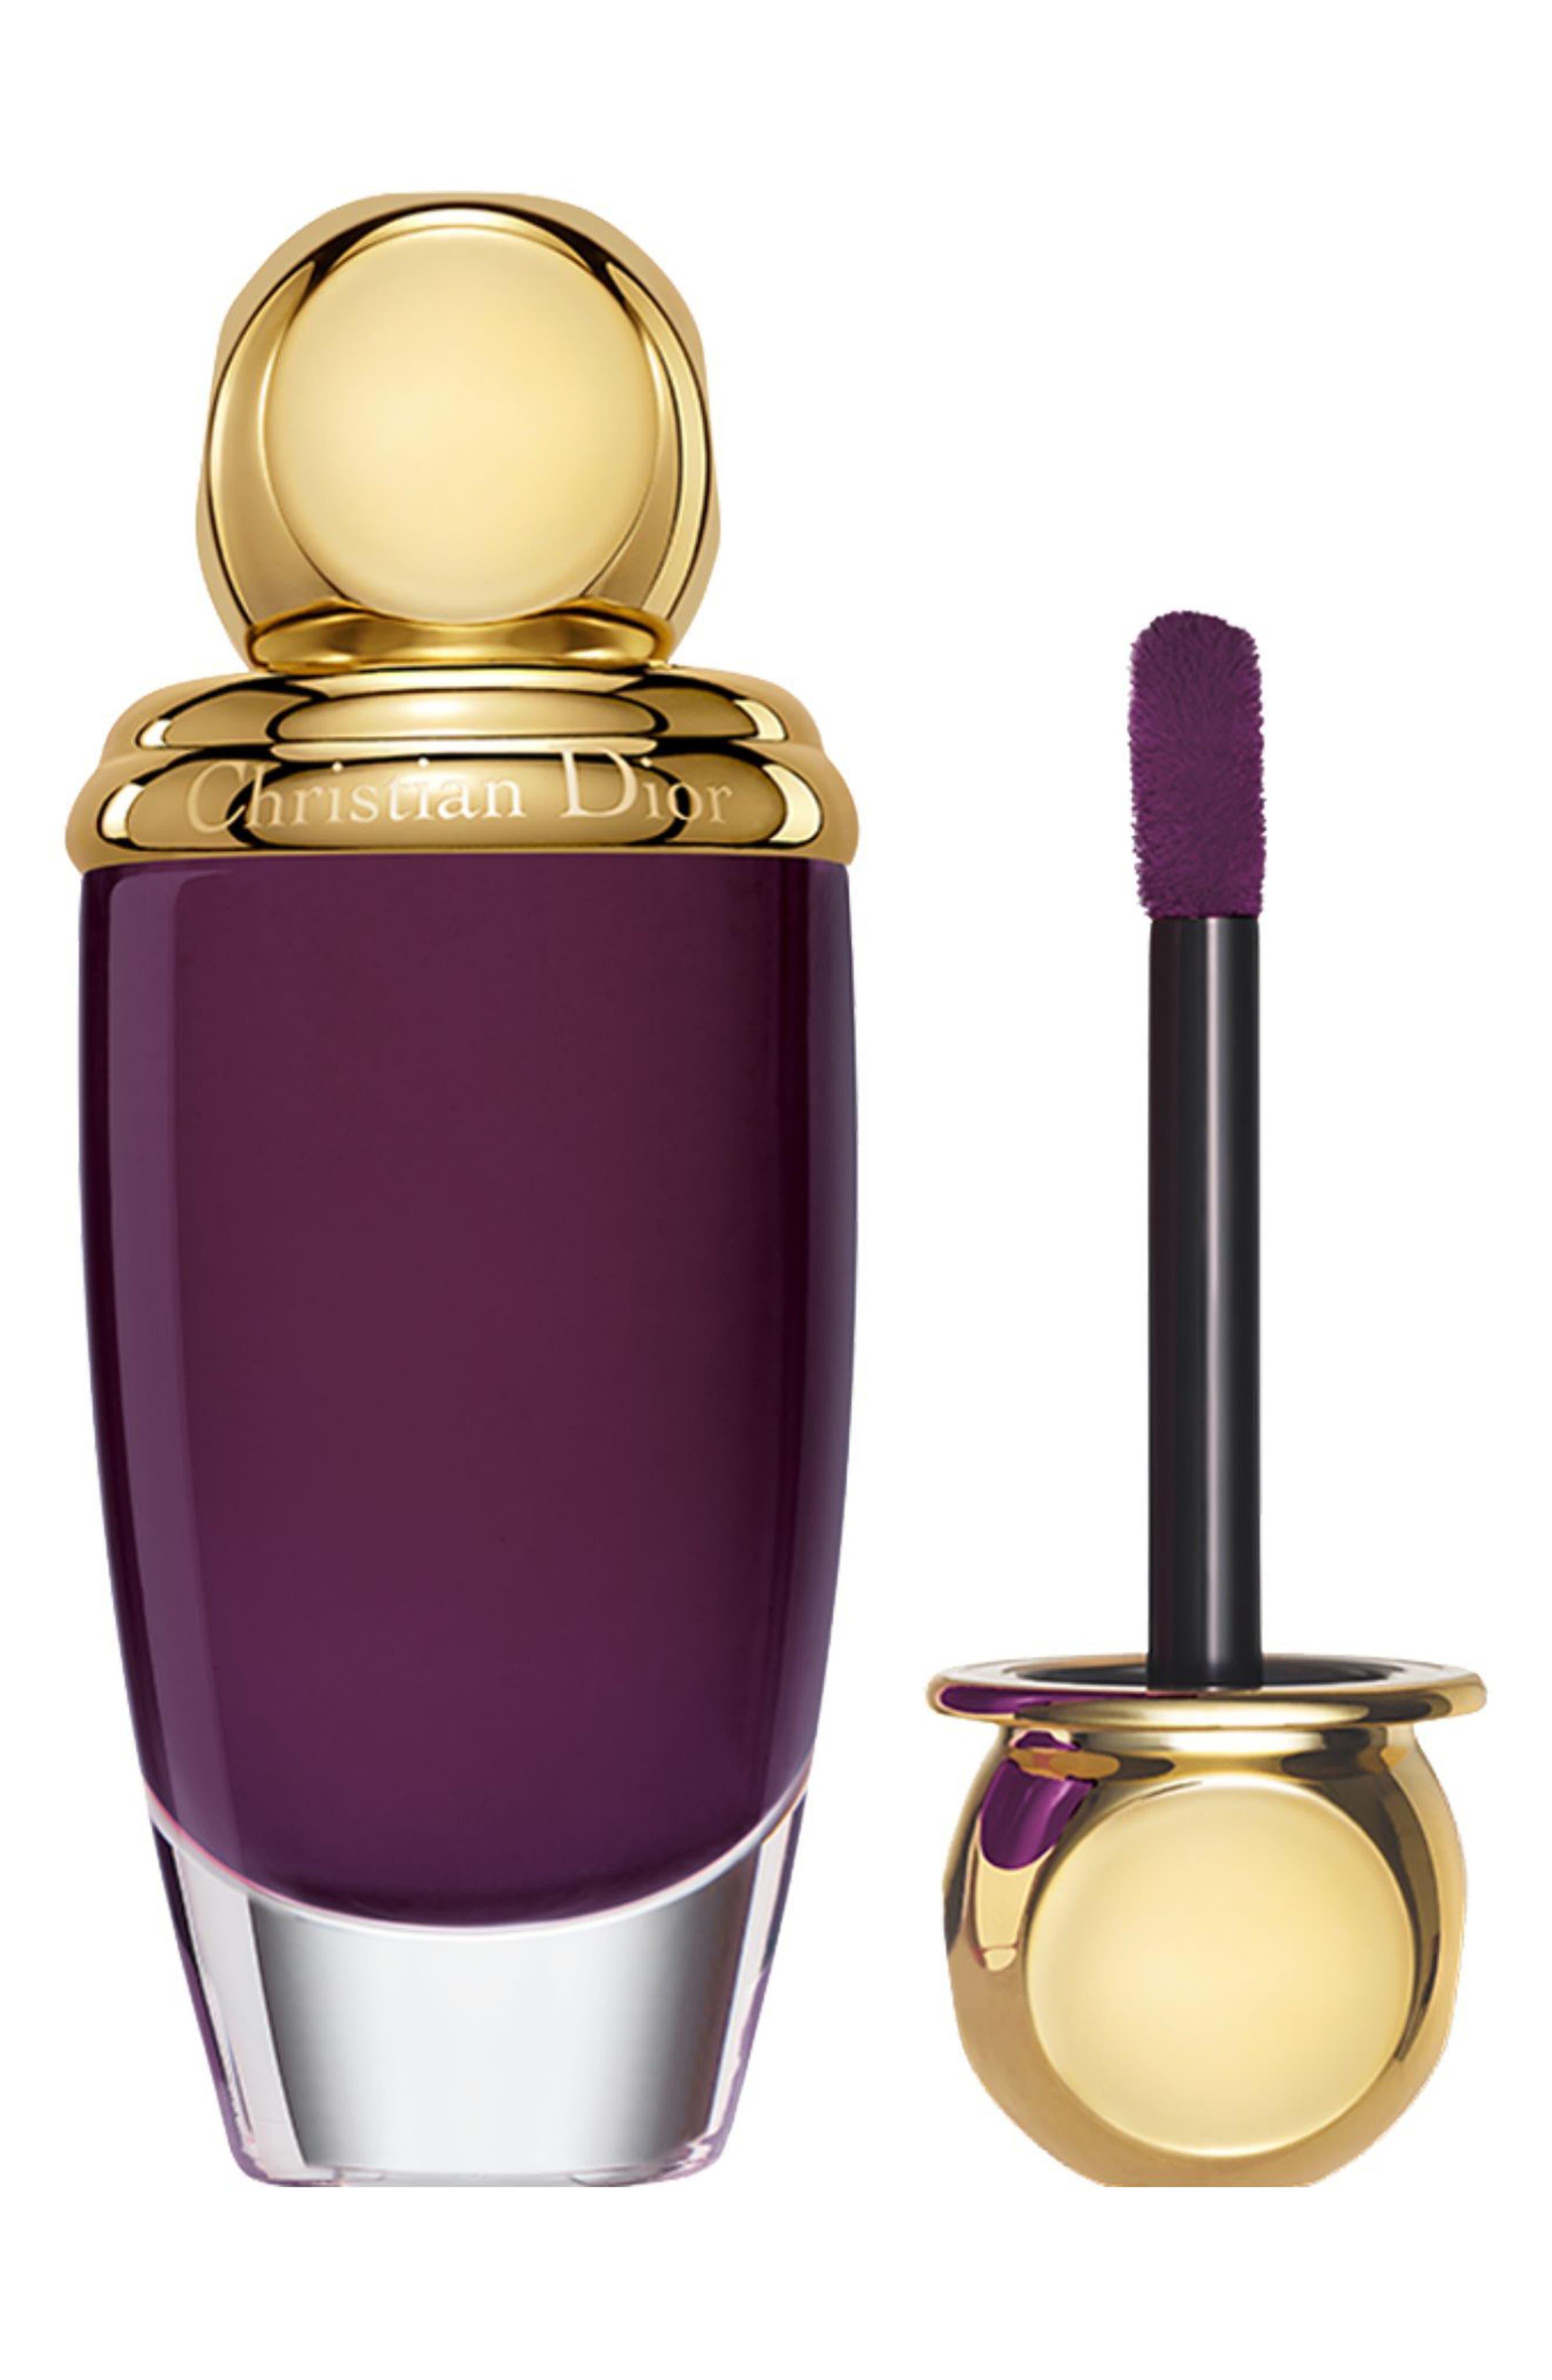 Diorific Matte Fluid Lip & Cheek Velvet Colour,                             Main thumbnail 1, color,                             008 INTENSITY